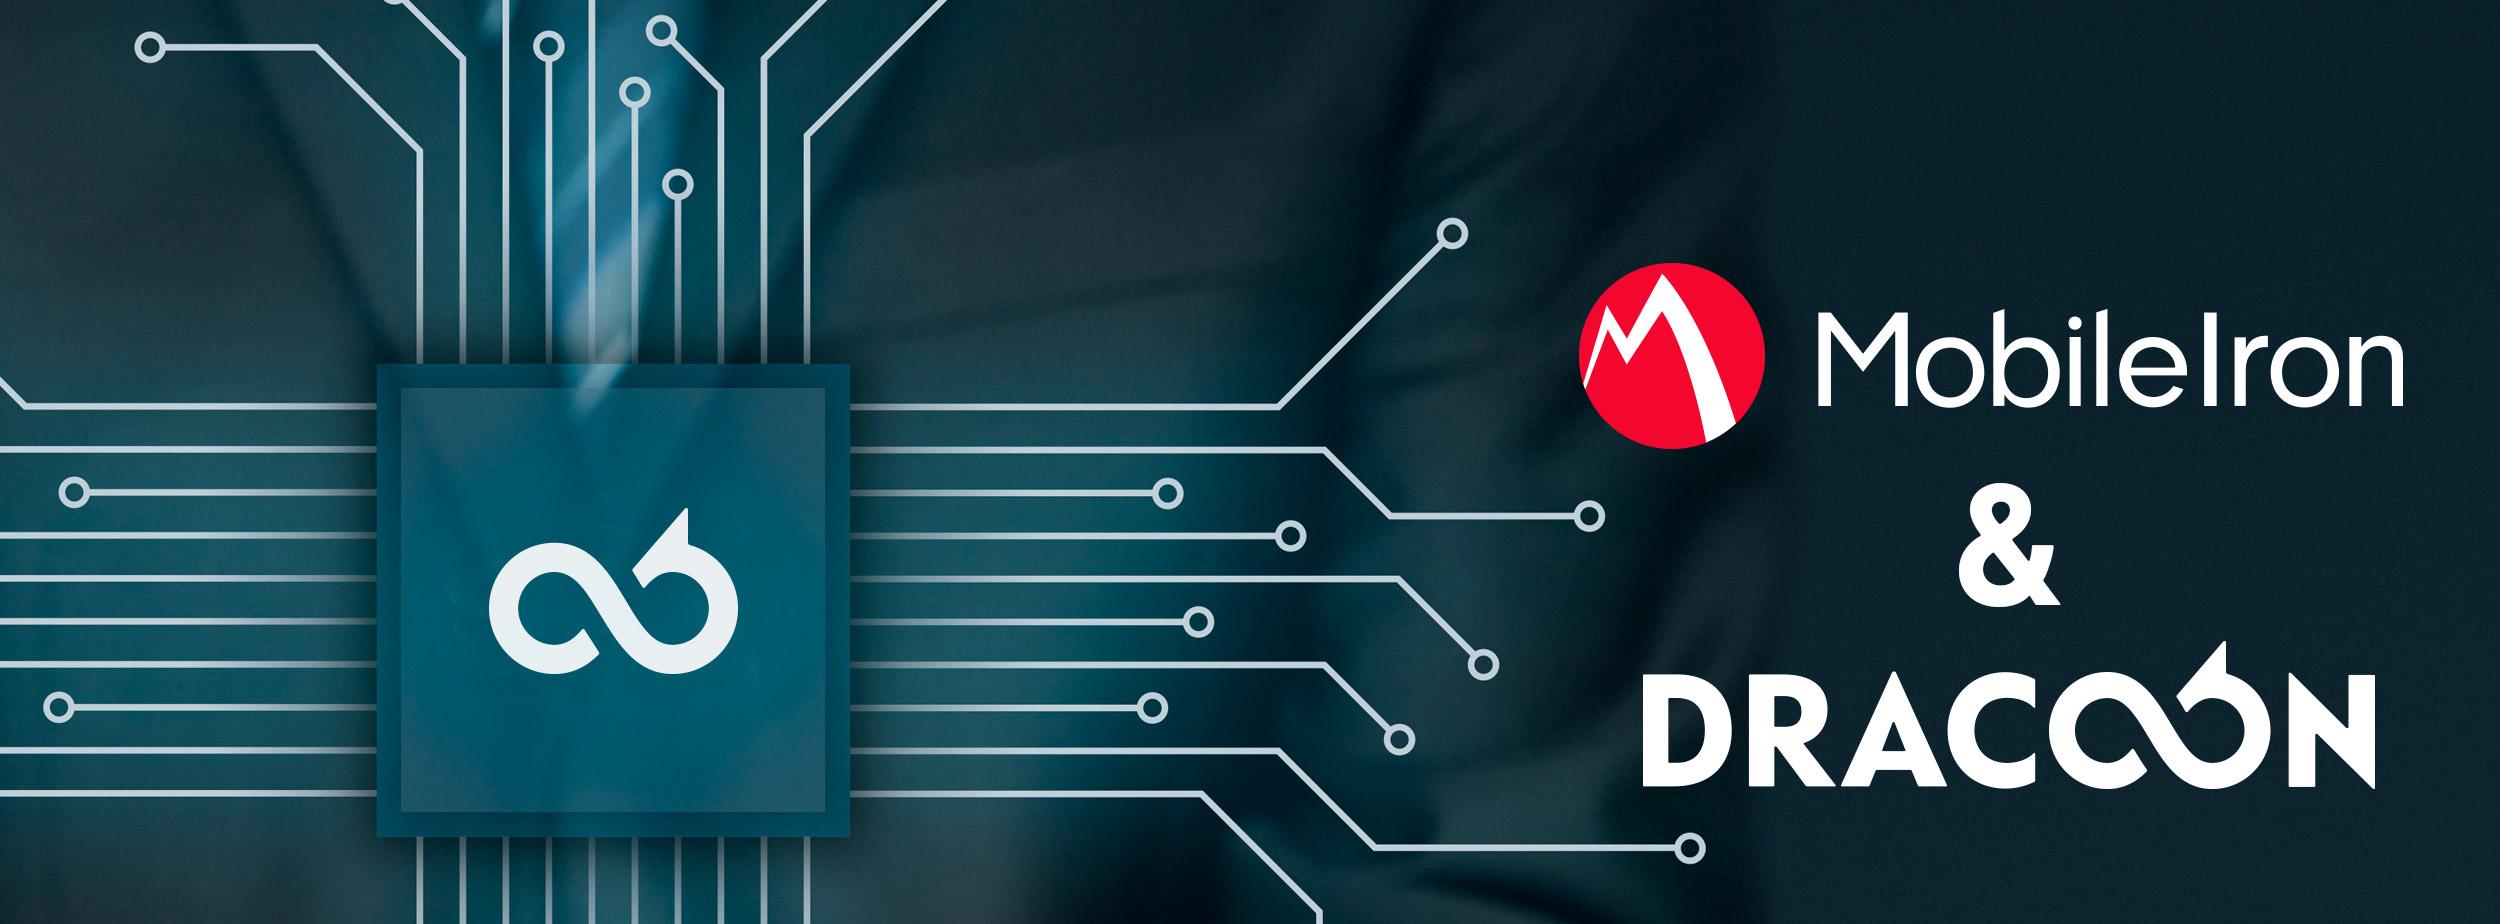 Sicherer Datenaustausch für MobileIron-Kunden